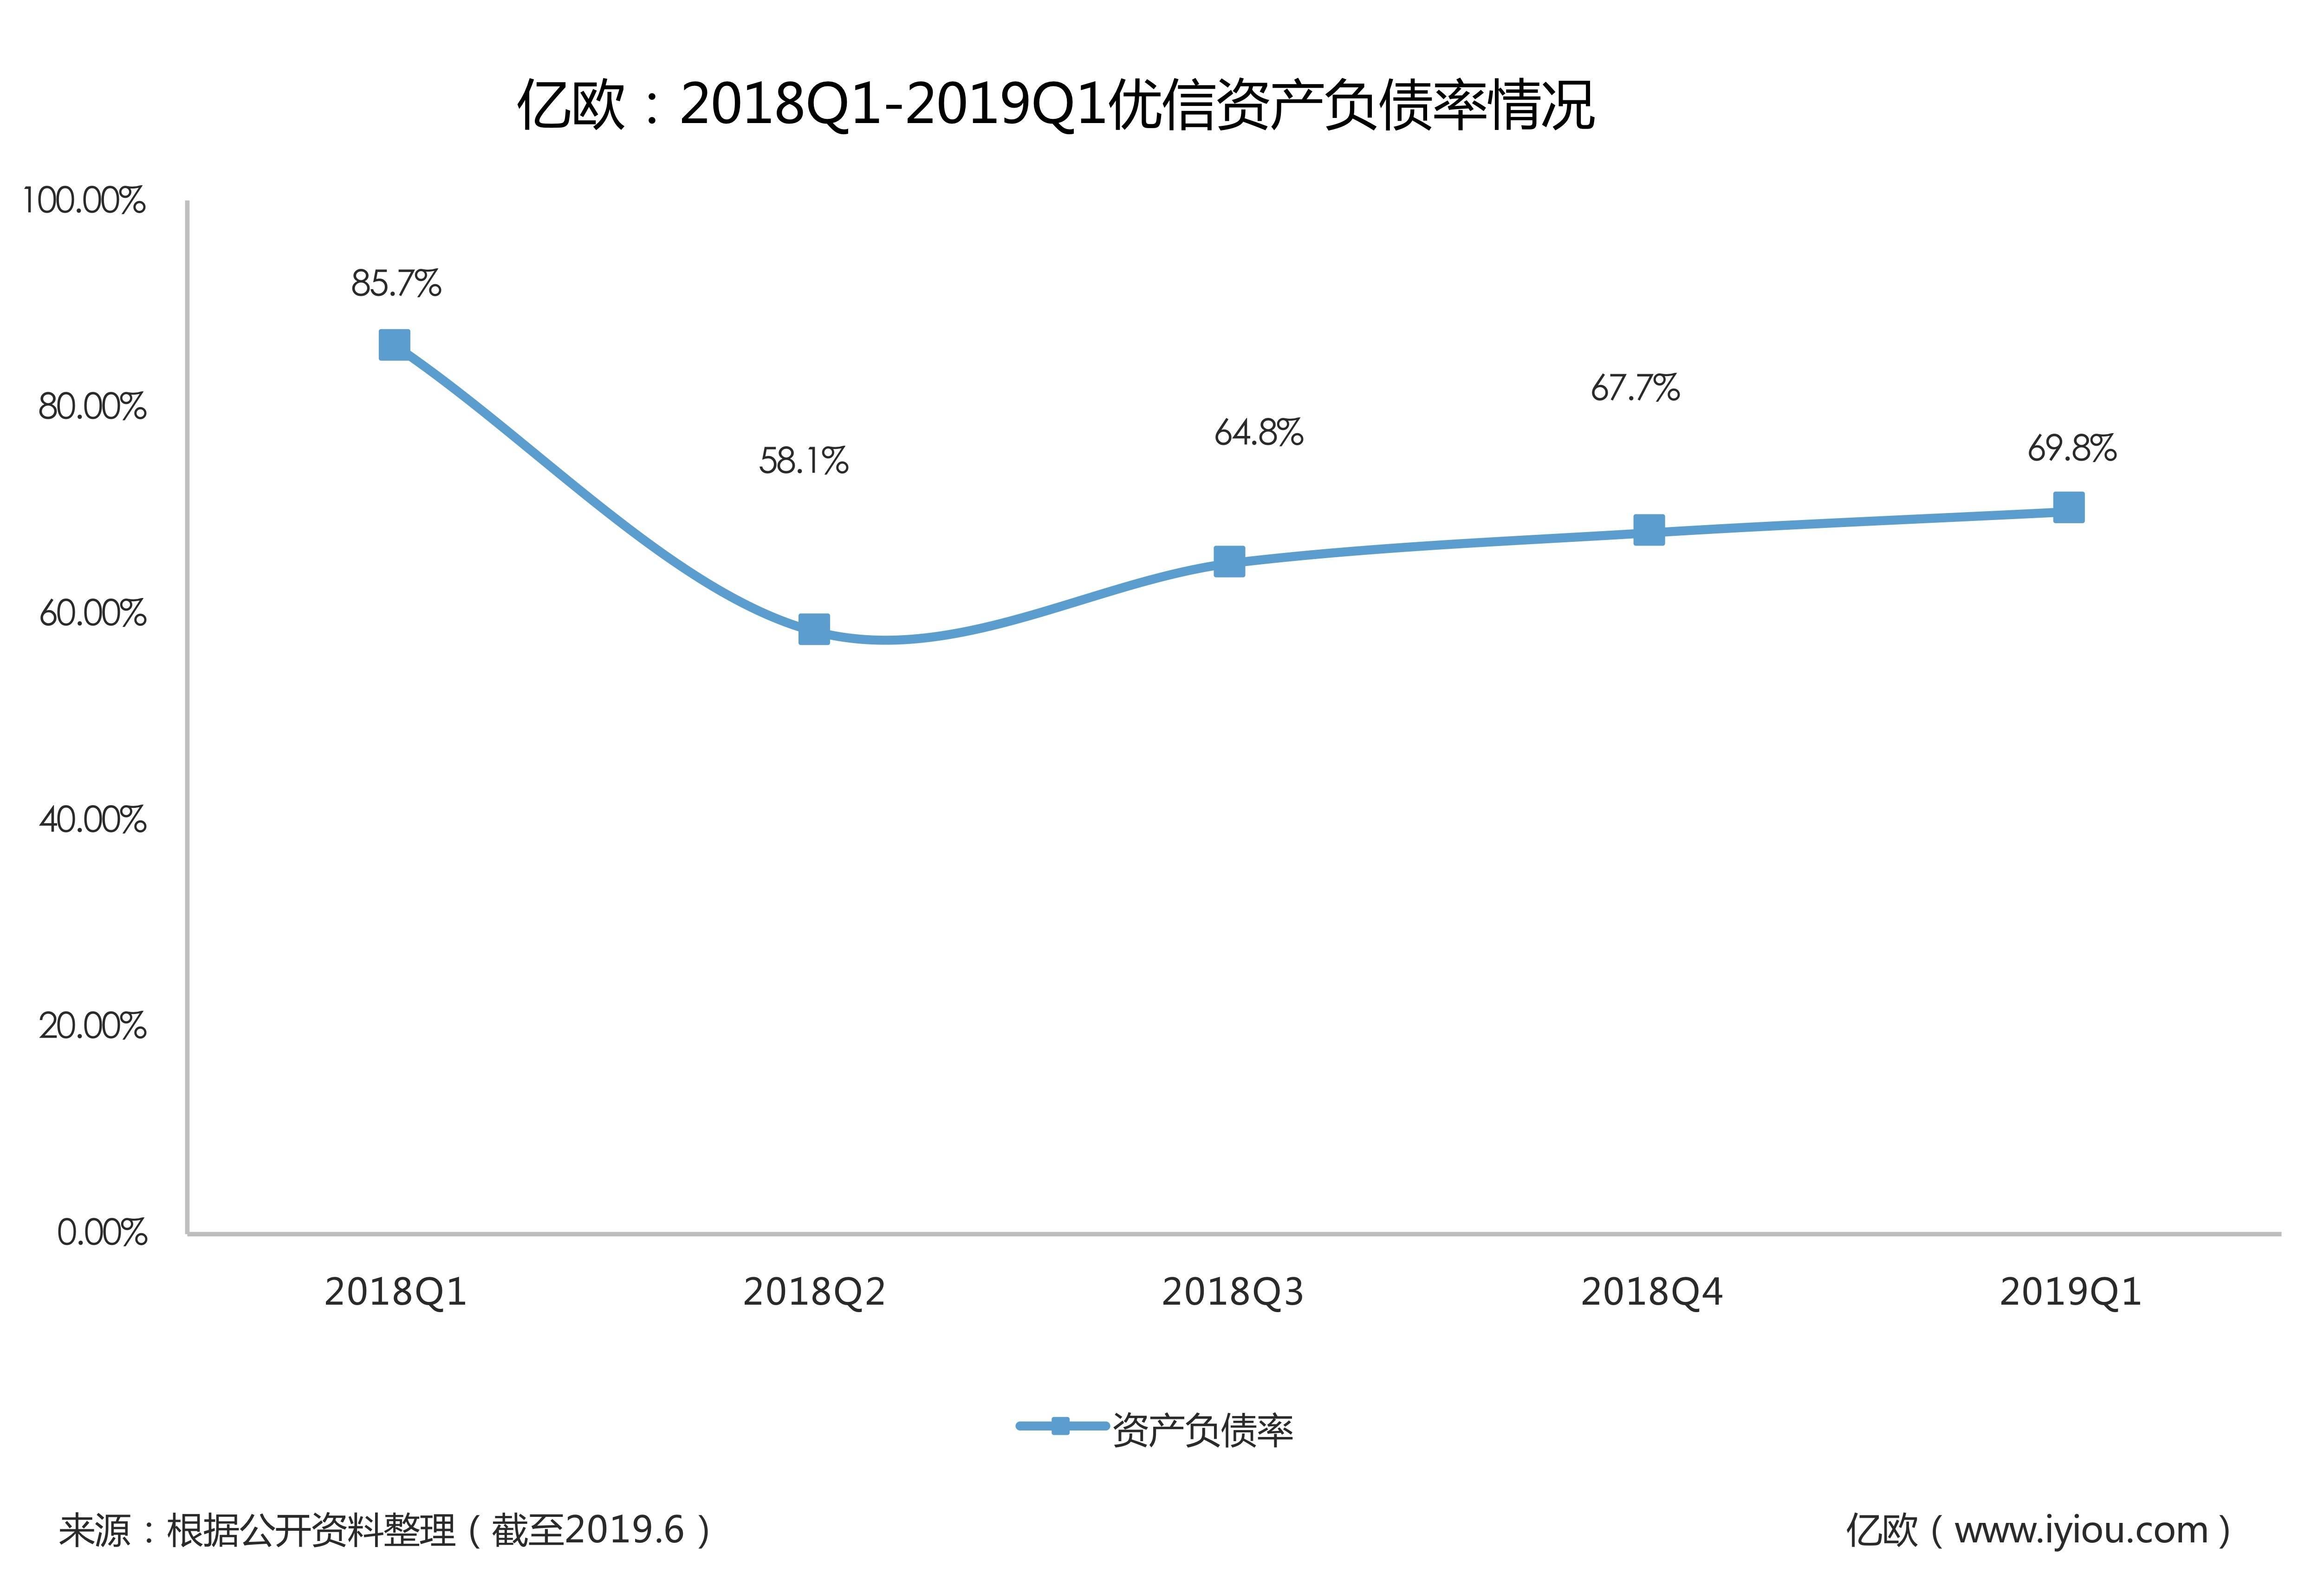 2018Q1-2019Q1优信资产负债情况